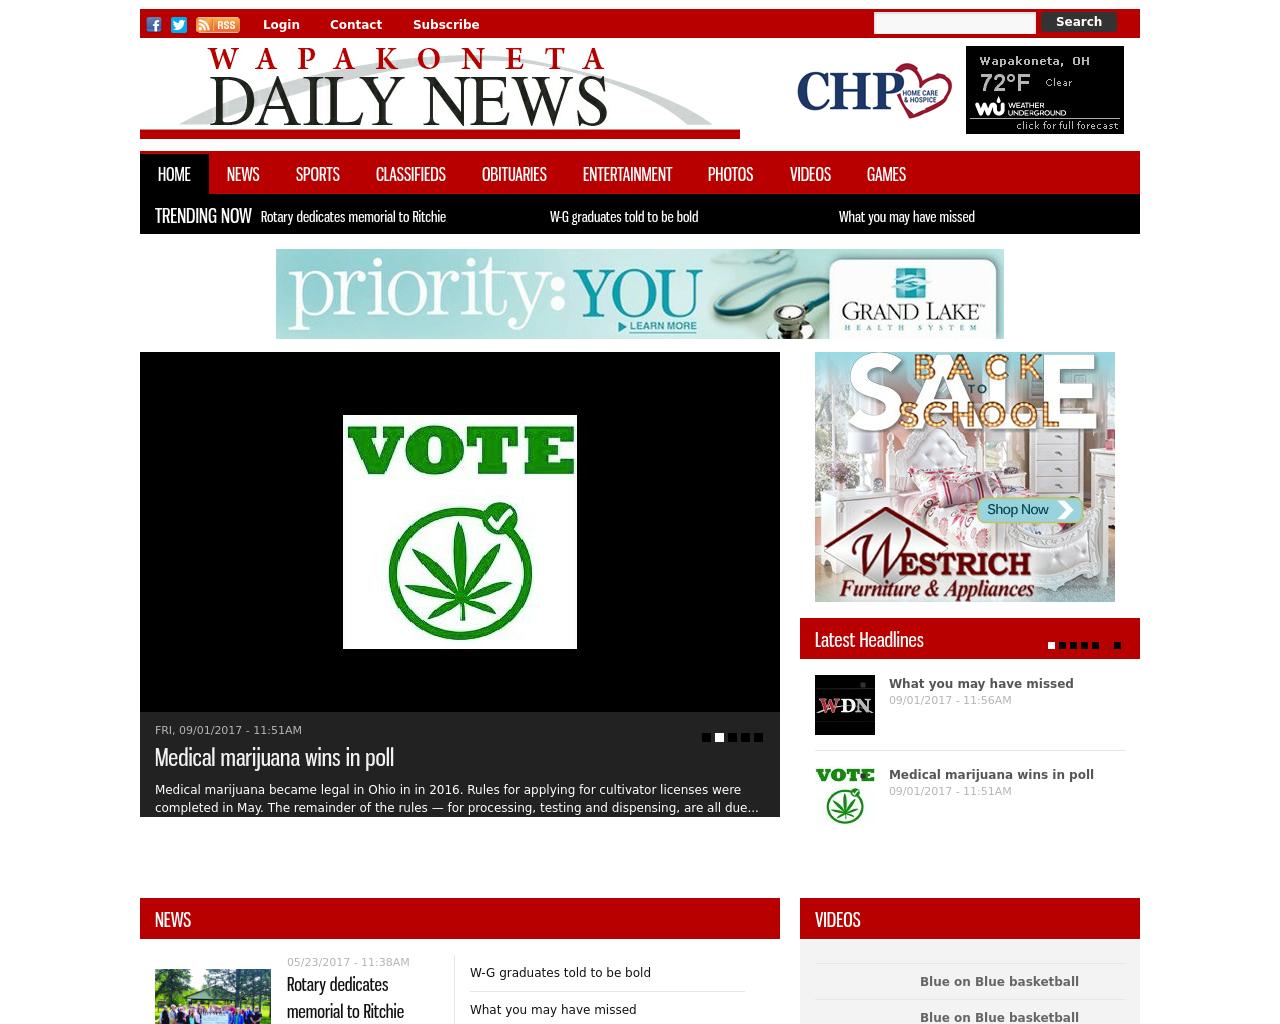 Wapakoneta-Daily-News-Advertising-Reviews-Pricing